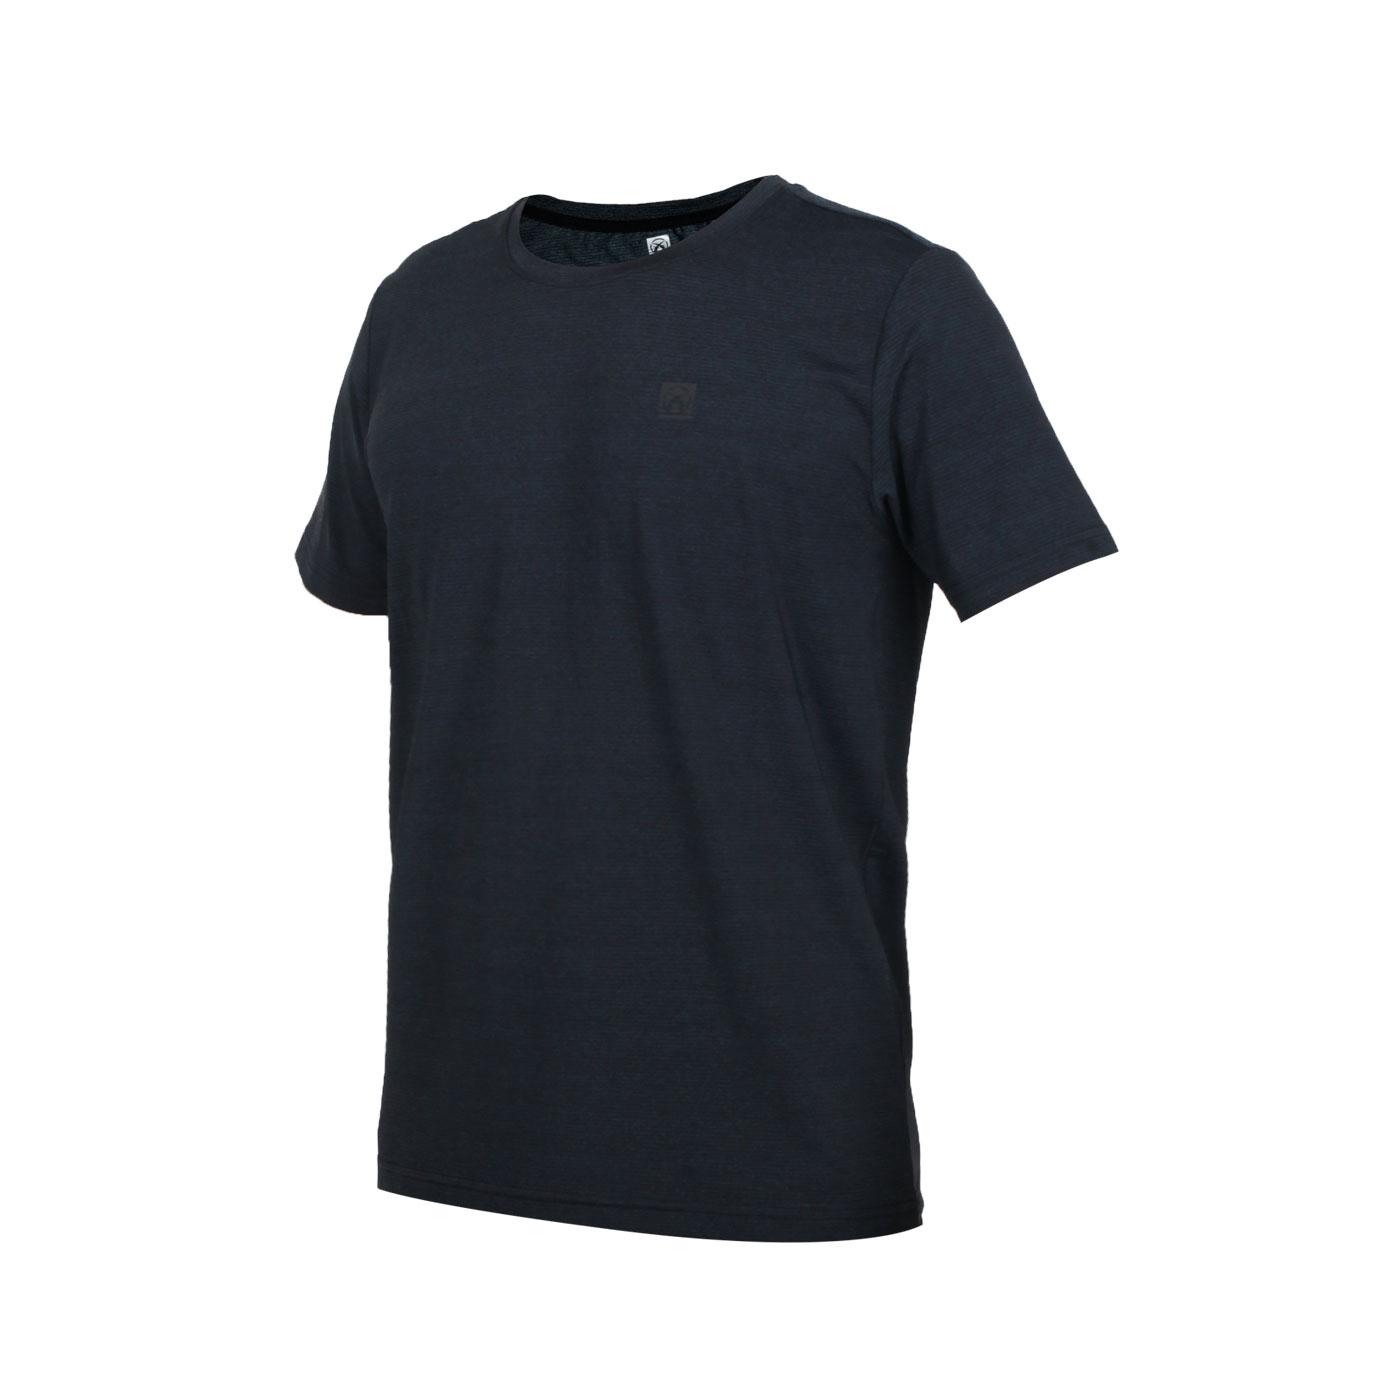 FIRESTAR 男款彈性圓領短袖T恤 D0531-93 - 麻花深藍黑